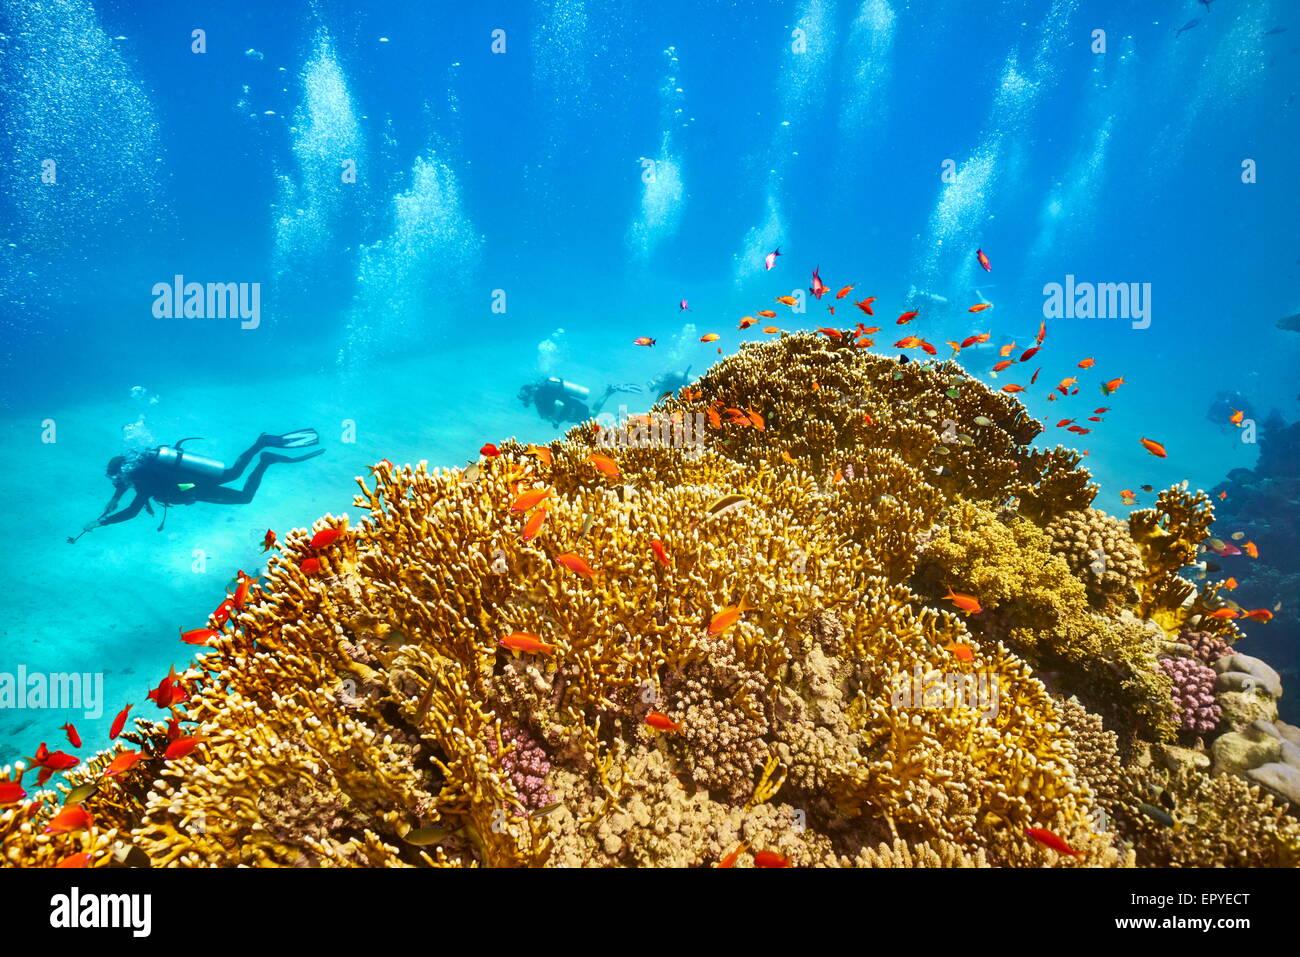 Marsa Alam, Mar Rosso - vista subacquea a subacquei e la barriera corallina Immagini Stock